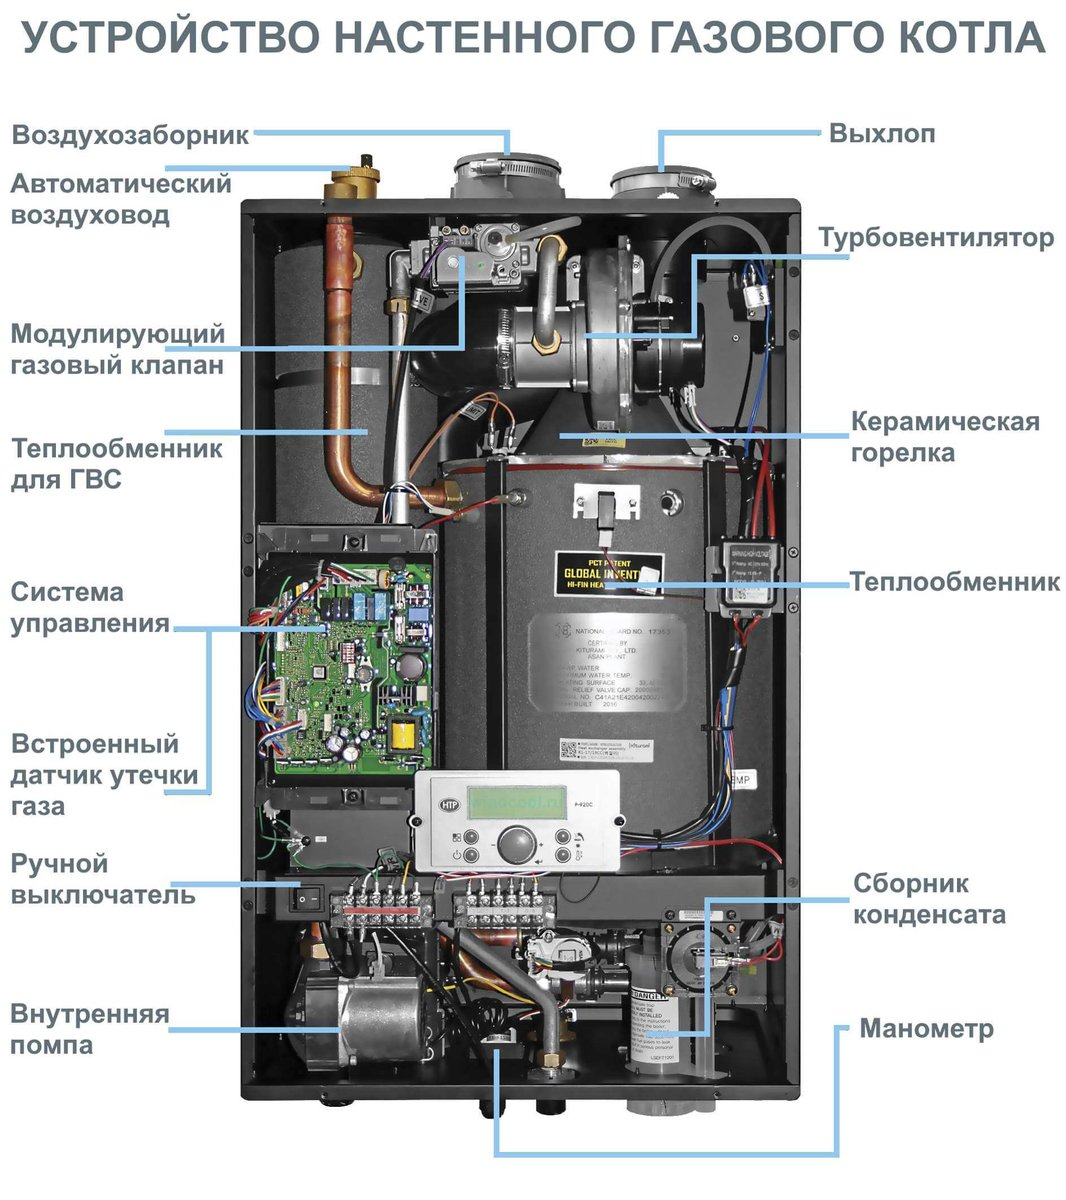 Устройство газового котла отопления: принцип работы, срок службы, как пользоваться, как работает котел, фото и видео примеры